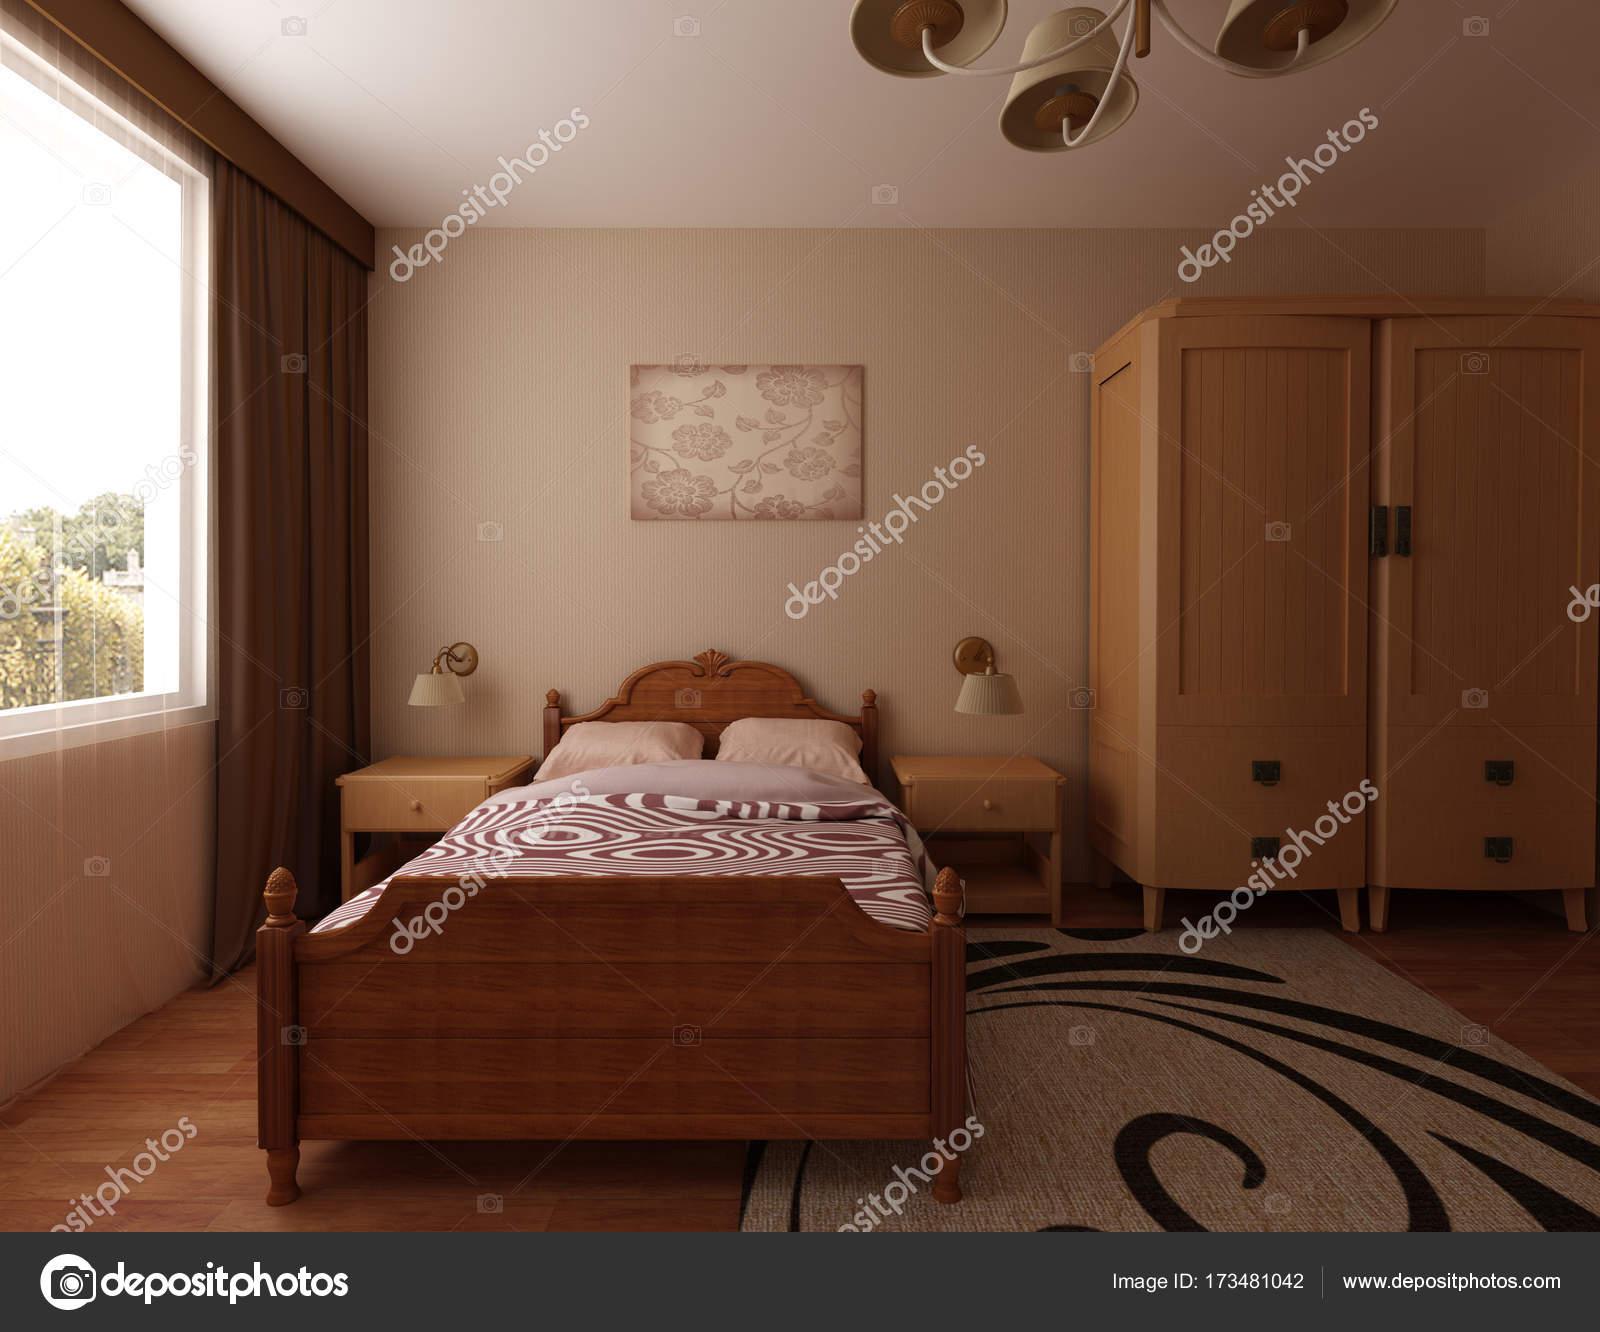 Gemutliche Schlafzimmer Interieur Stockfoto C Lisunova 173481042